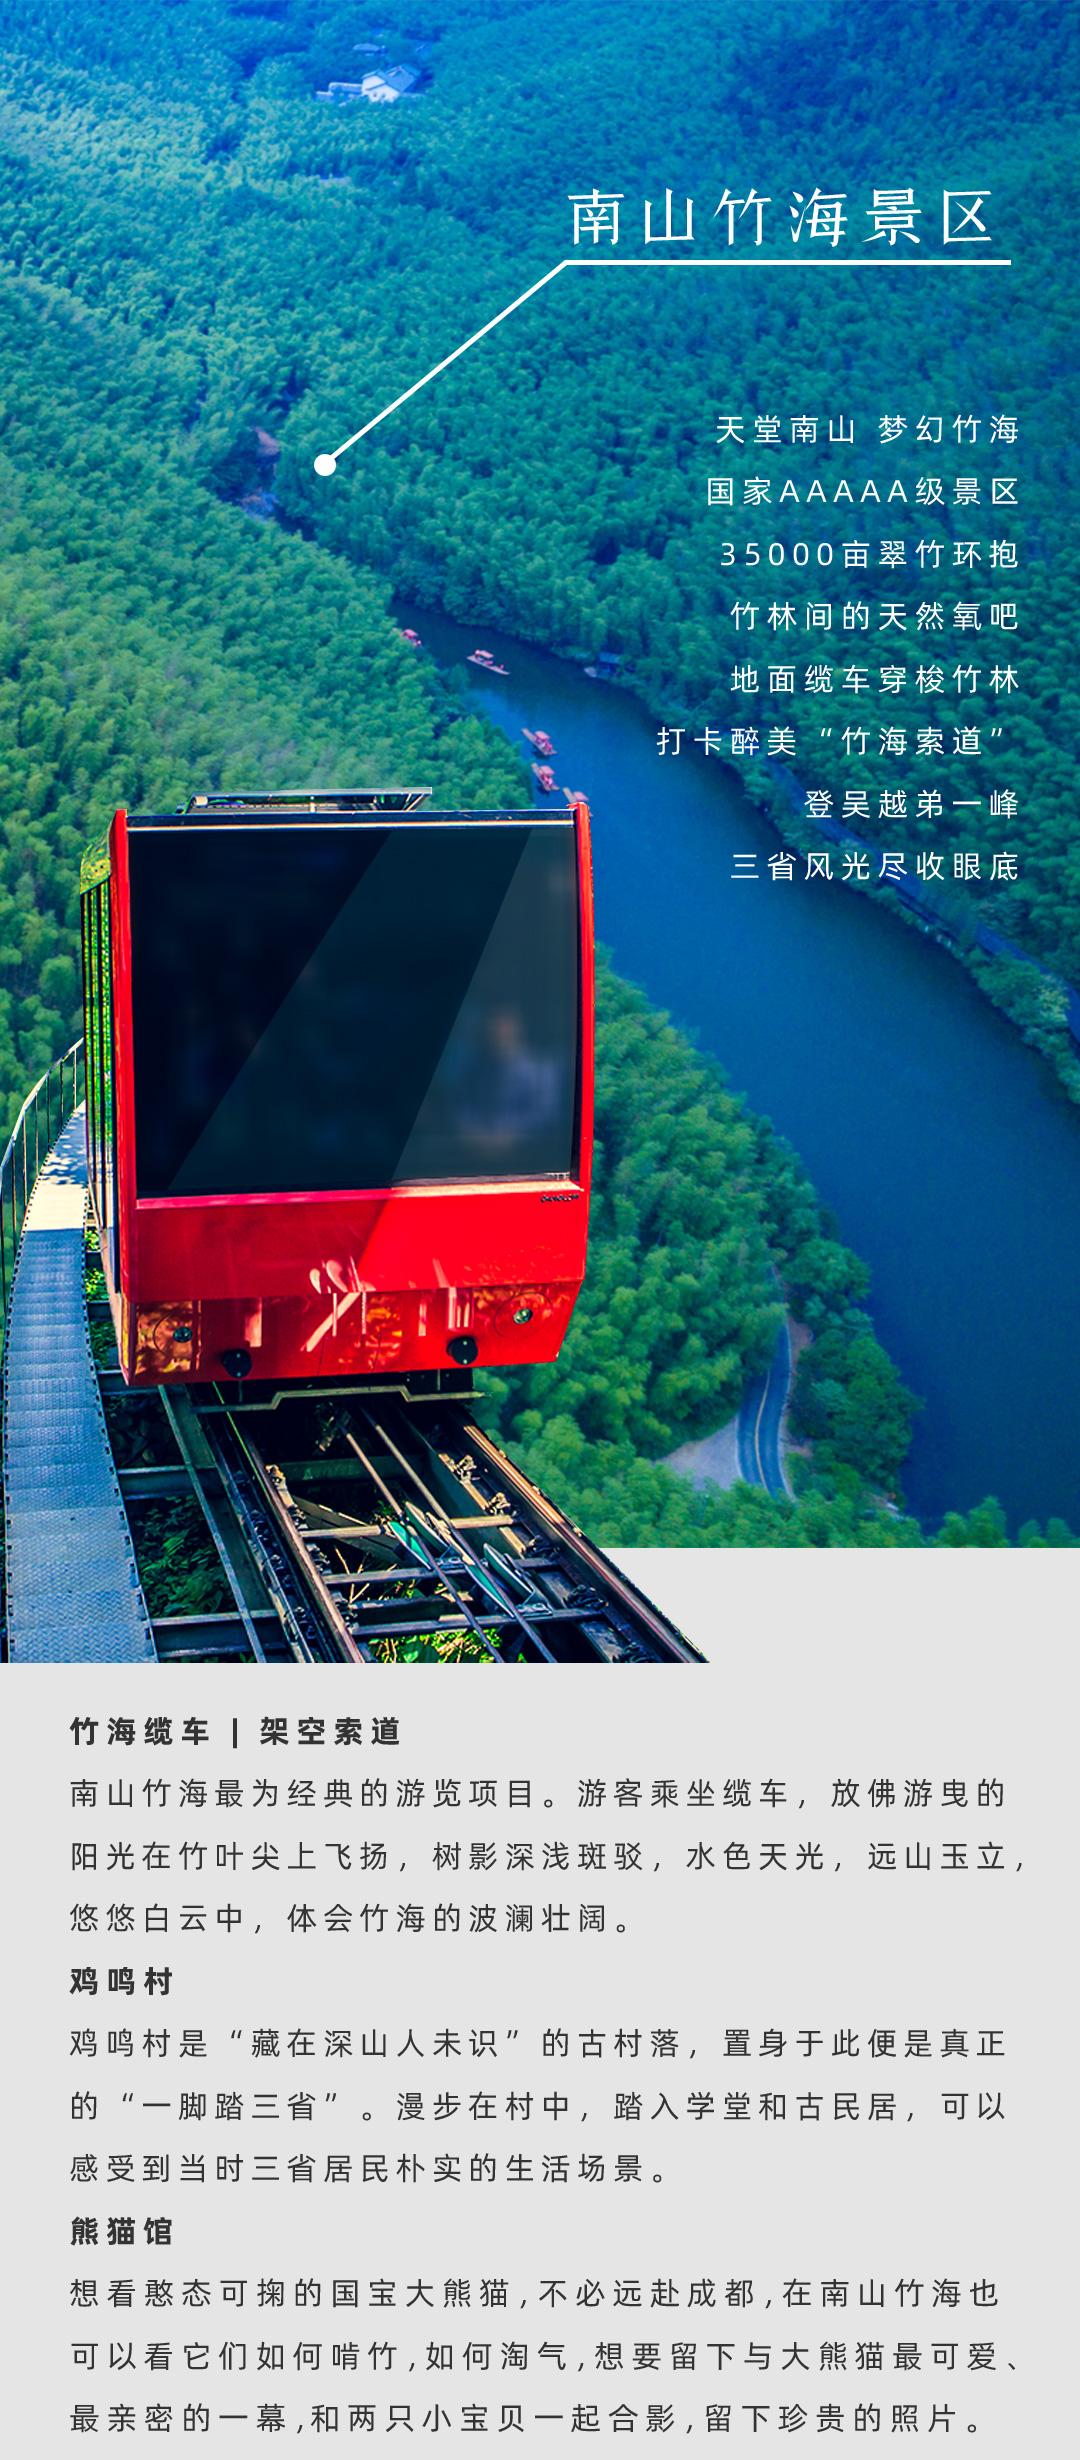 南京都市圈居民们,溧阳9月全域景区免门票